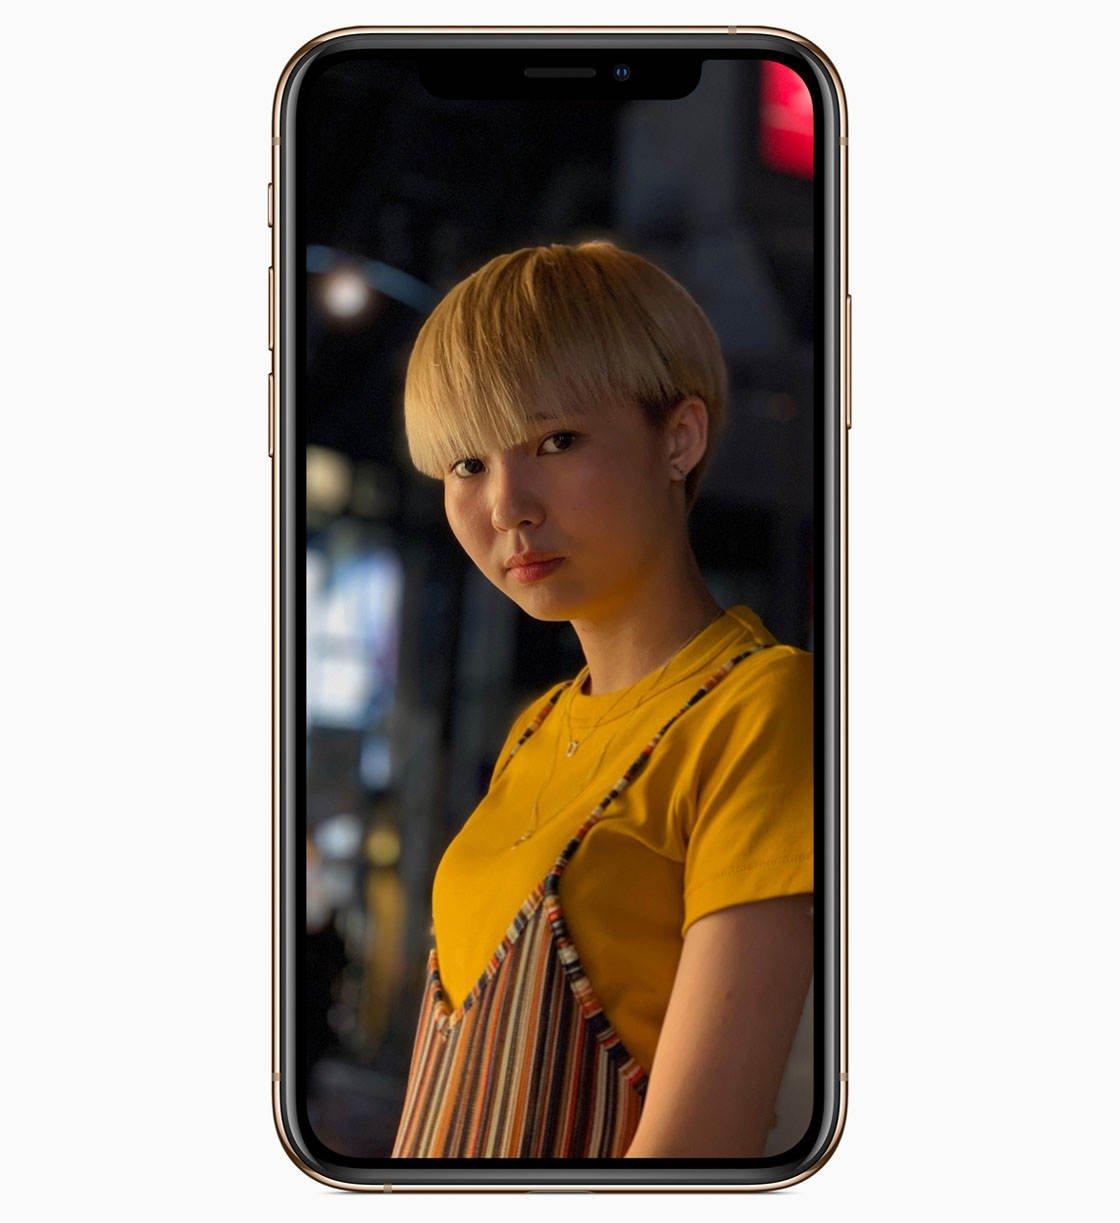 Iphone xs camera 9 no script